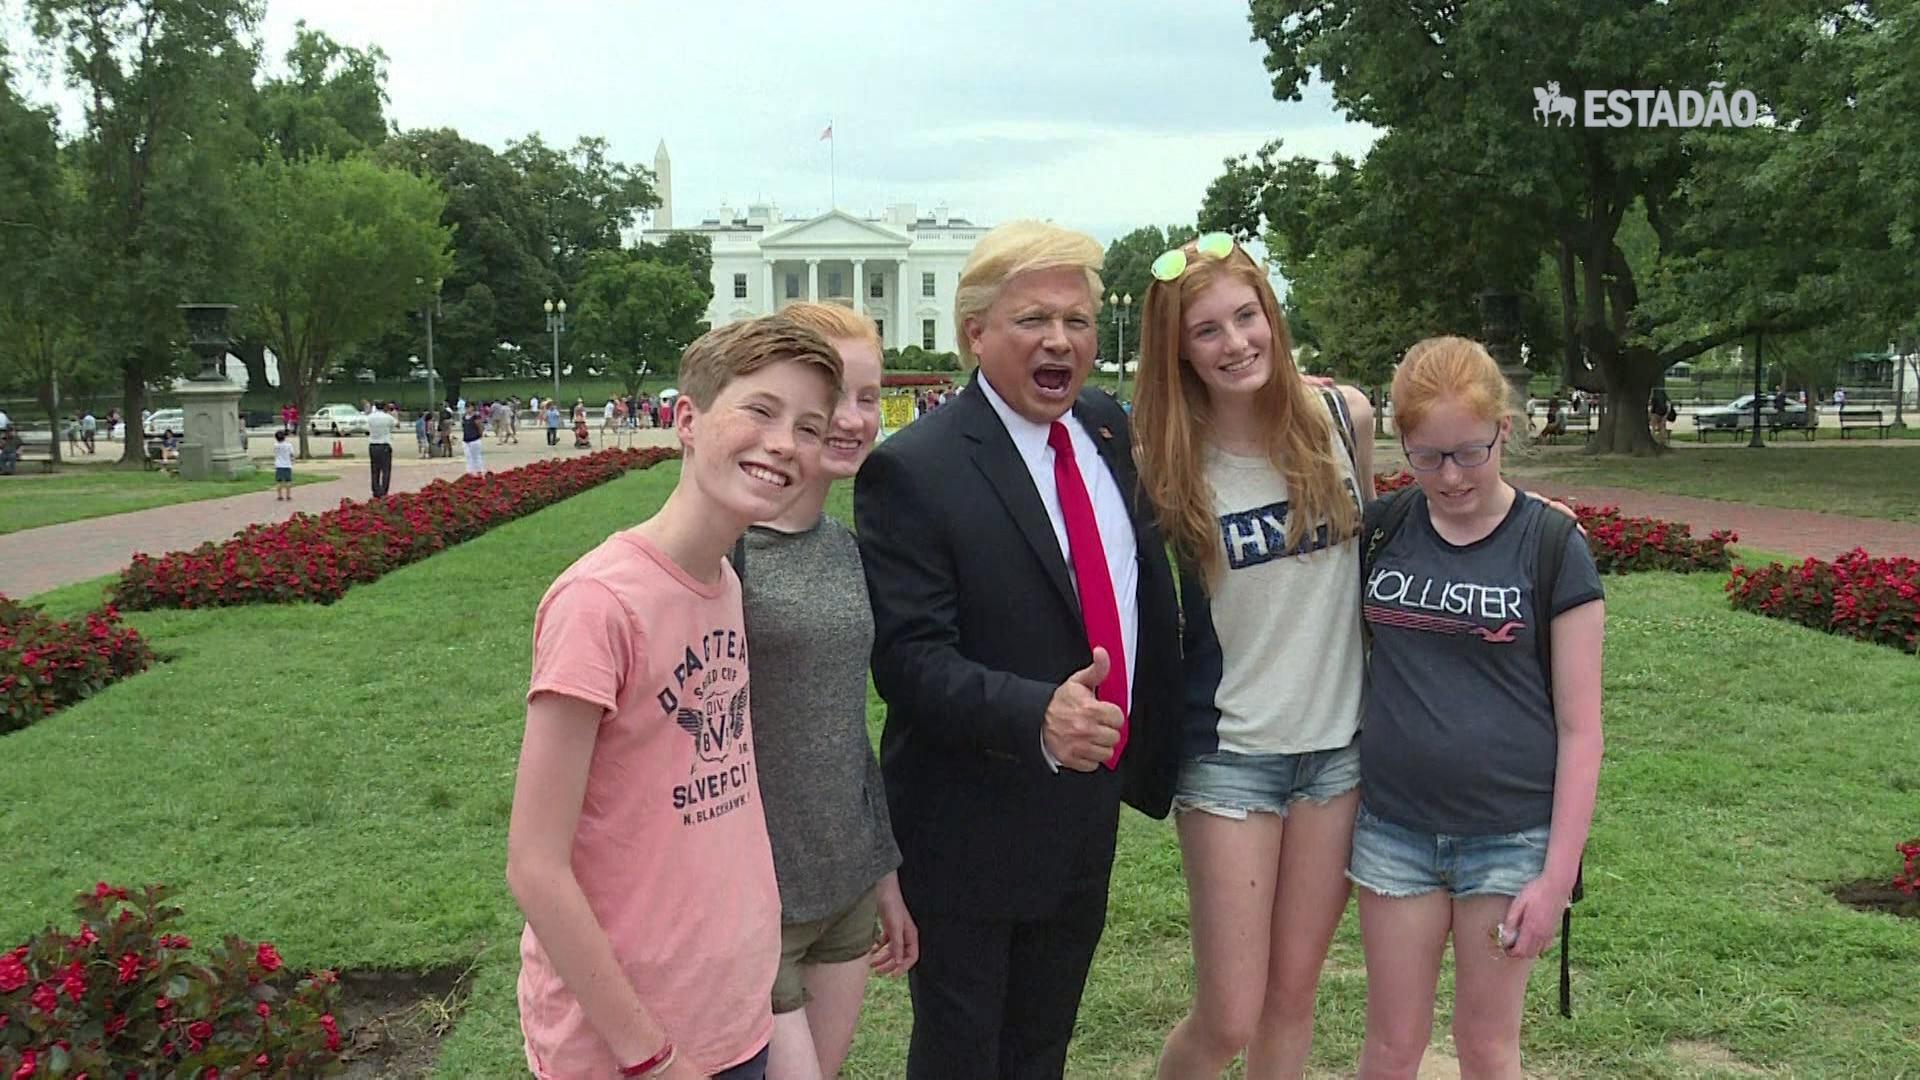 Imitador de Trump fatura alto